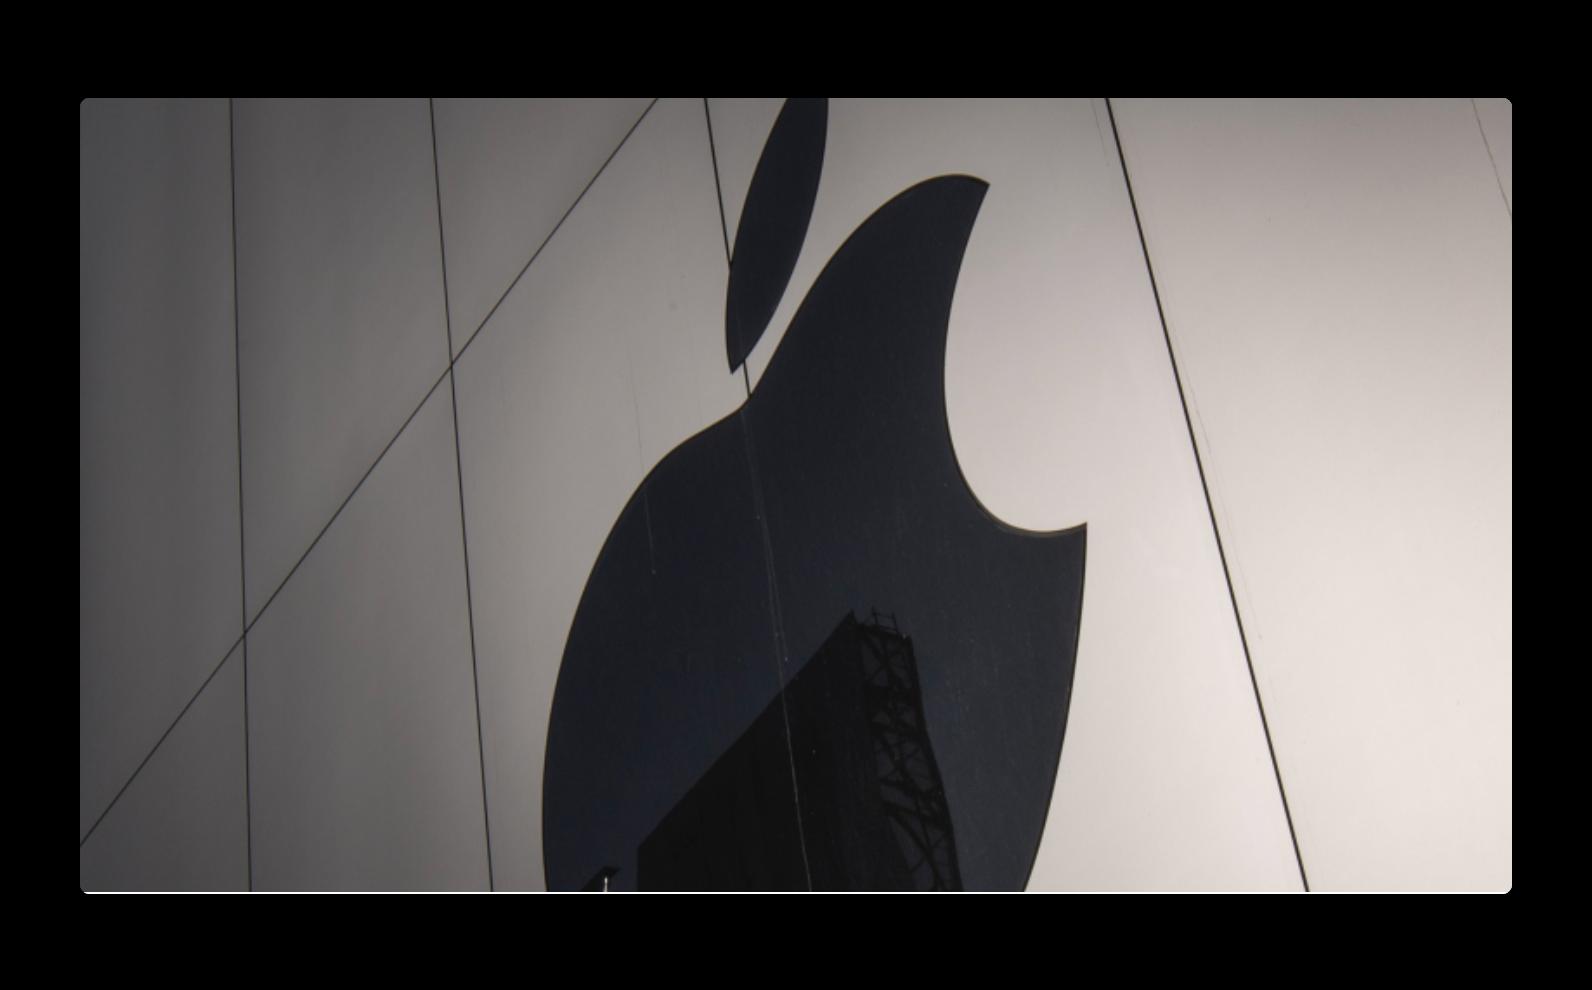 次のMacOS 10.14は、商標出願からMojave、Sequoia、VenturaまたはSonomaの可能性も